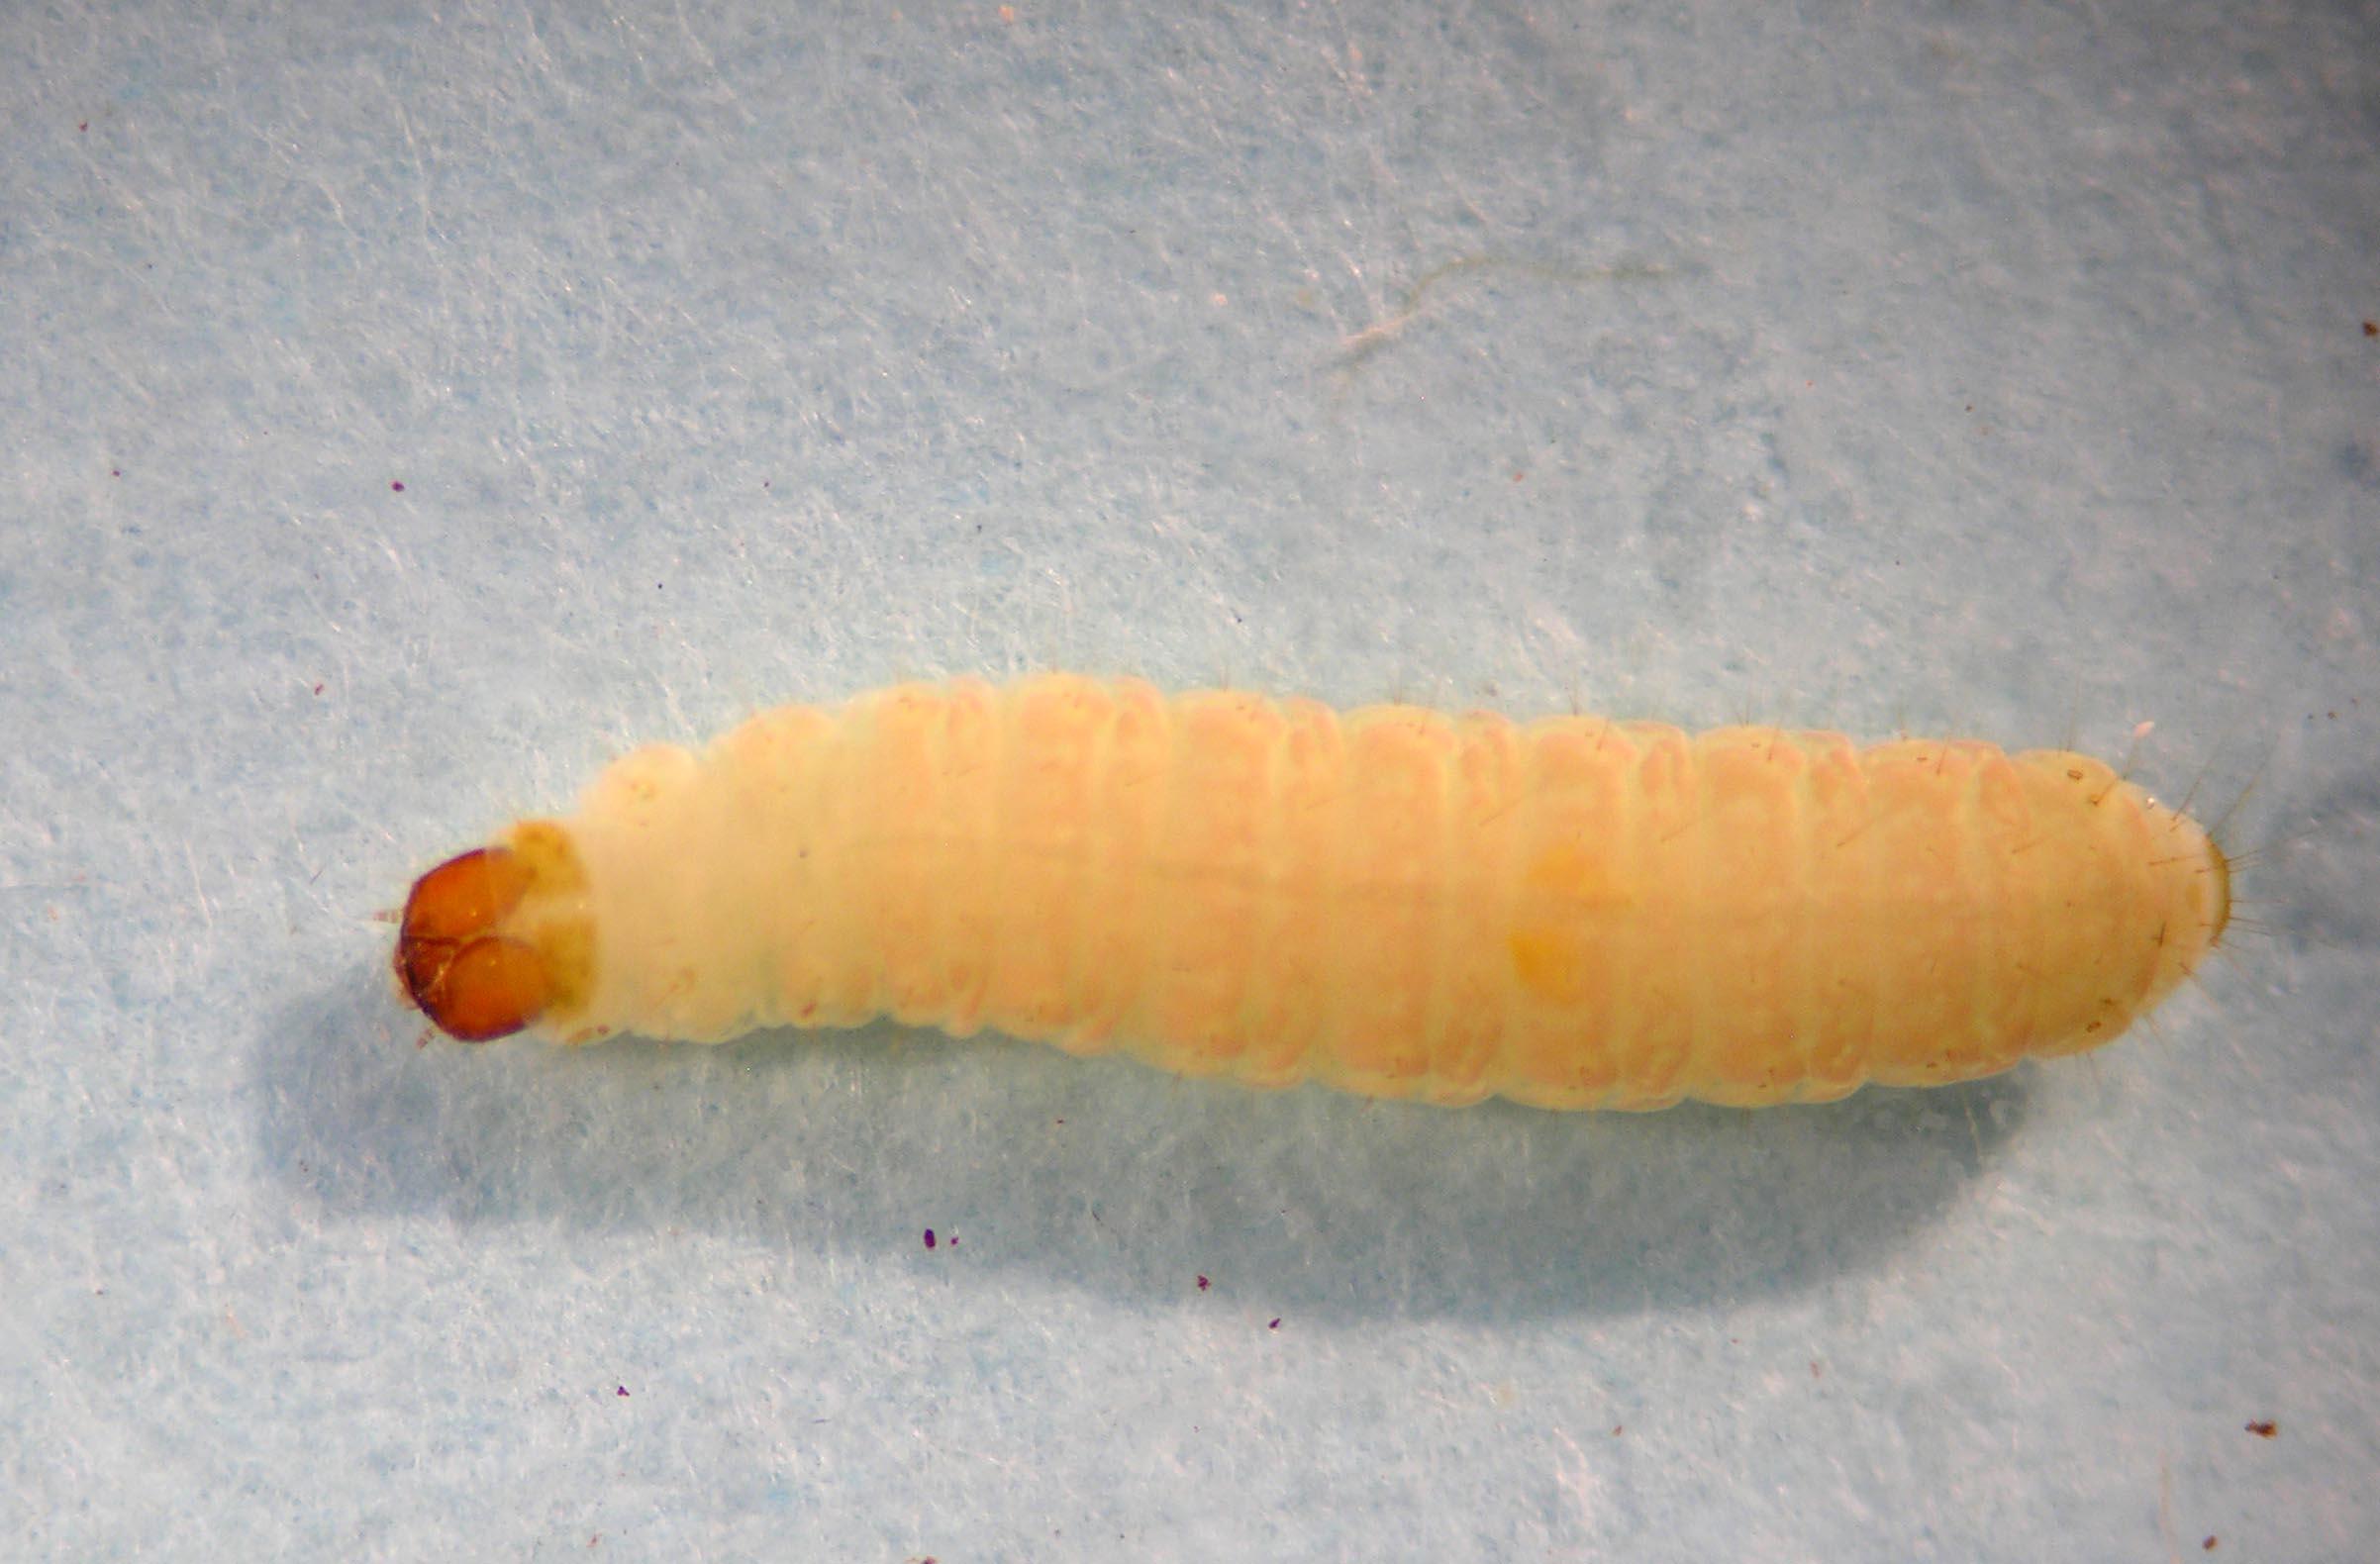 Caterpillars on the Ceiling? | Kentucky Pest News